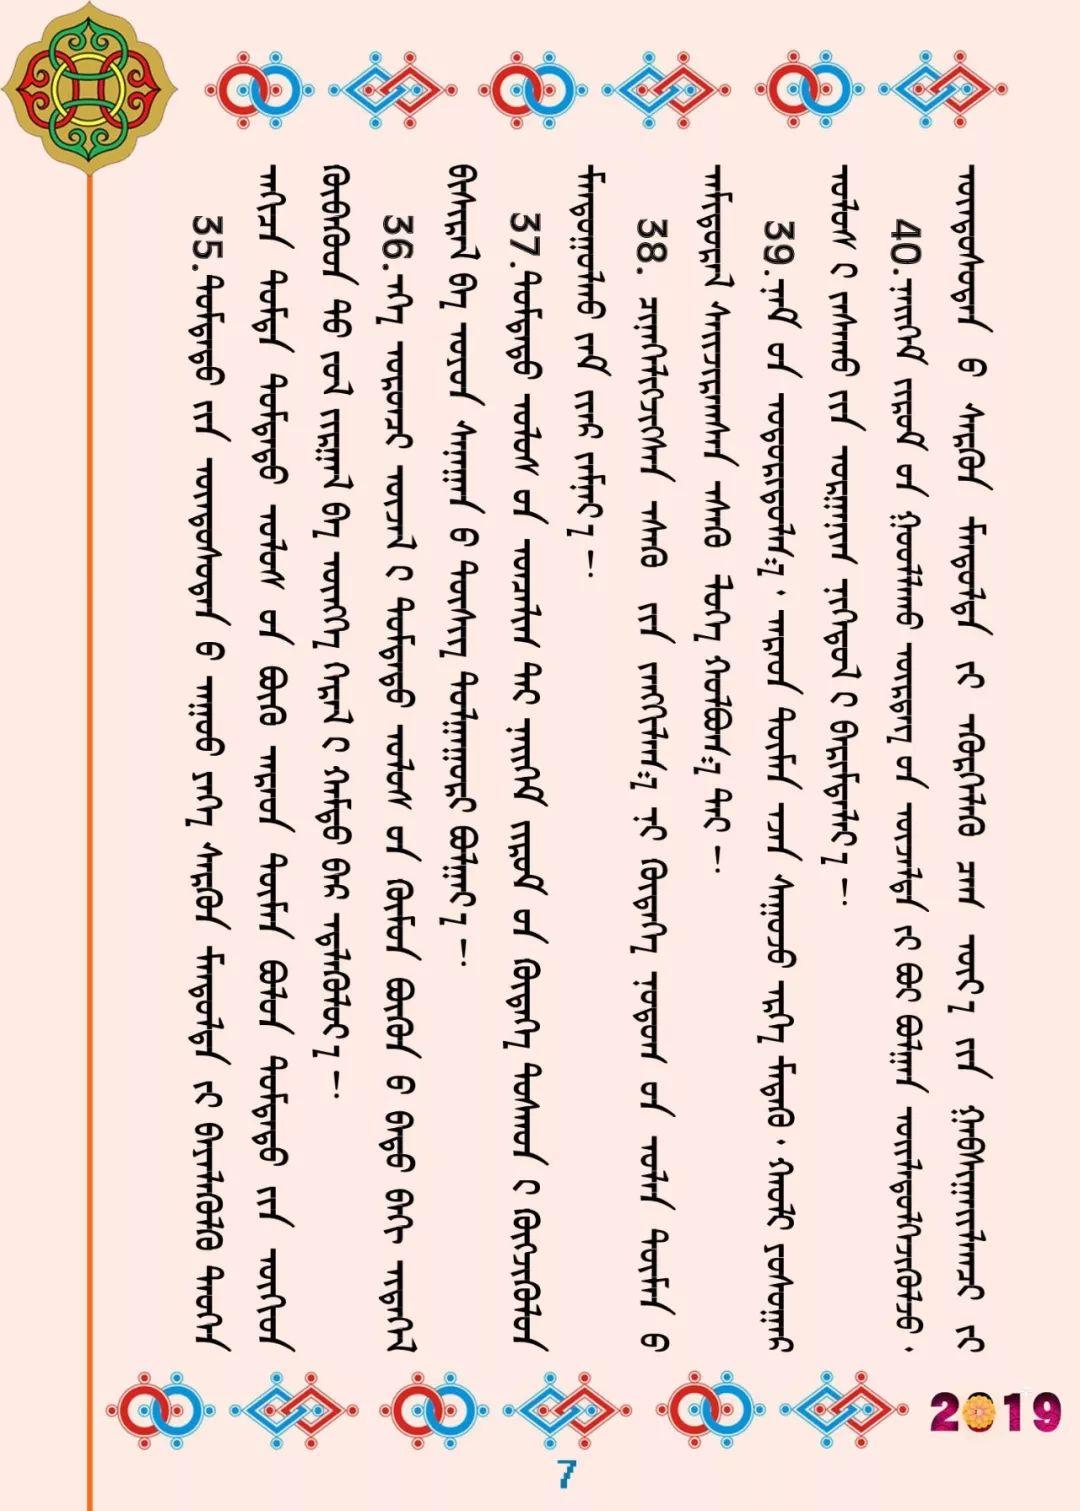 【蒙古文】阿拉善盟民族团结进步宣传标语(蒙汉双语) 第7张 【蒙古文】阿拉善盟民族团结进步宣传标语(蒙汉双语) 蒙古文库